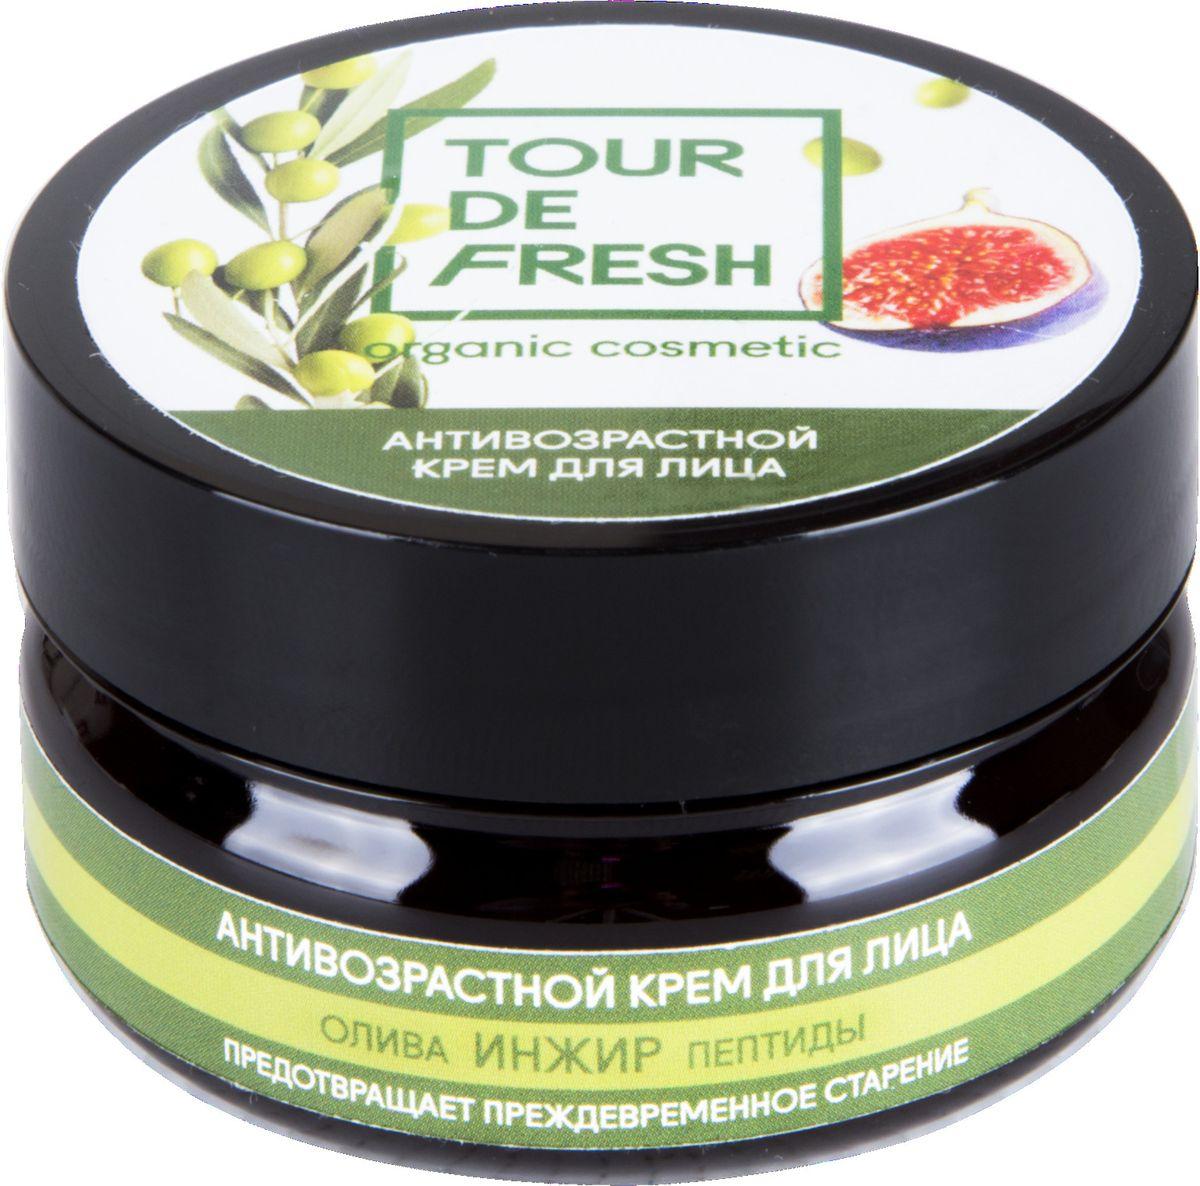 Tour De Fresh Антивозрастной крем для лица Олива, инжир и пептиды, 60 млУФ000000331Крем для лица Олива-инжир-пептиды деликатно ухаживает за чувствительной кожей. В состав входит оливковое масло, питающее кожу и уменьшающее глубину морщин. Экстракт инжира - мощное лифтинг-средство, которое тонизирует кожу и обладает интенсивным омолаживающим действием. Пептиды ржи замедляют разрушение коллагеновых волокон и способствуют обновлению клеток.